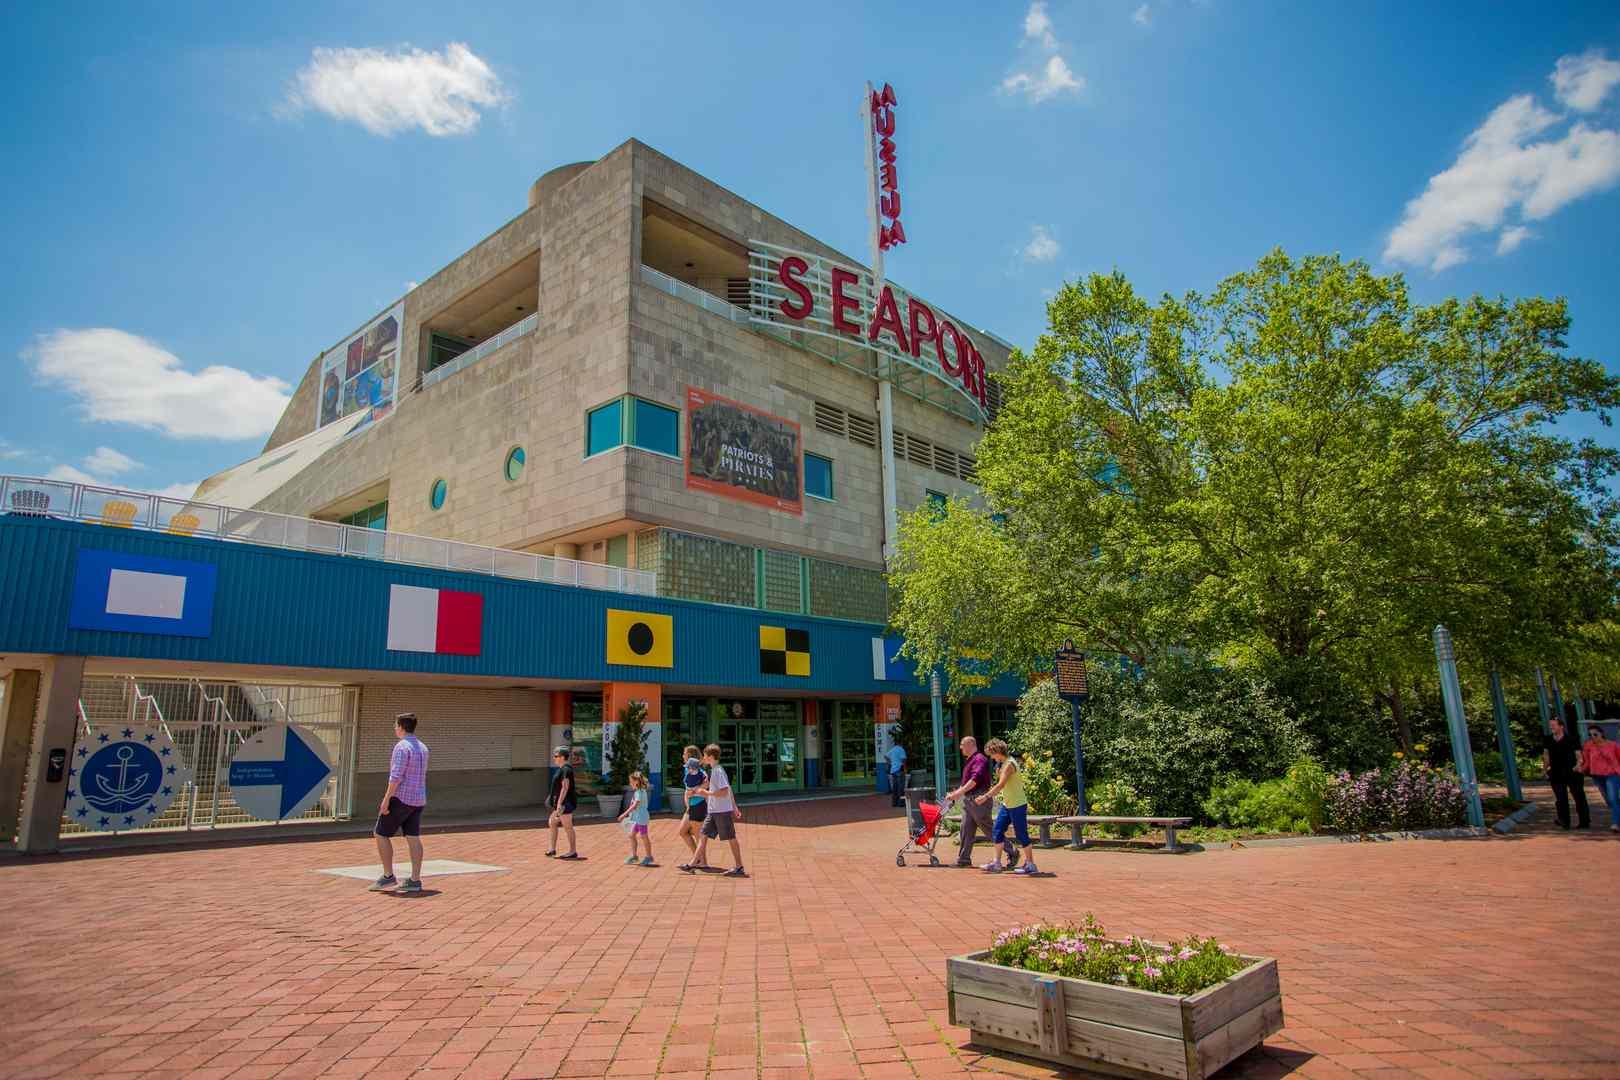 Philadelphia's seaport museum